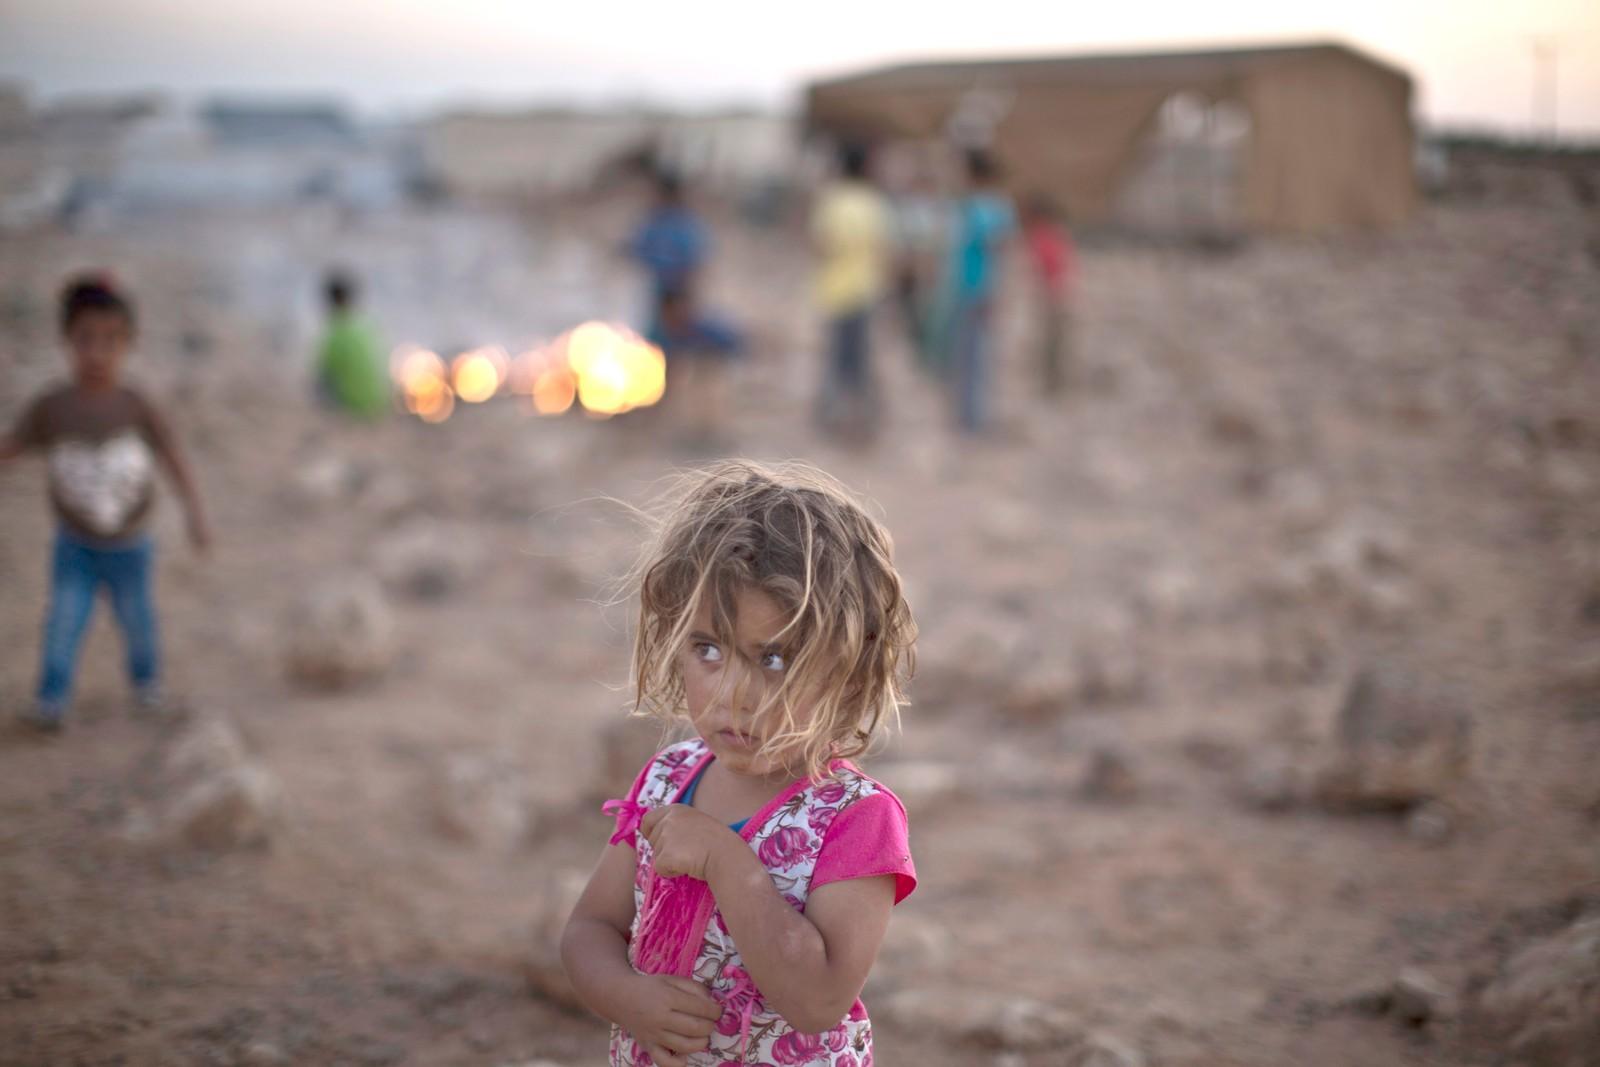 Syriske Shahd Qadura (2,5) har rømt fra sitt krigsherjede hjemland og bor nå i en midlertidig teltleir i utkanten av Mafraq i Jordan. Bak henne kan man se andre flyktningebarn som brenner søppel.